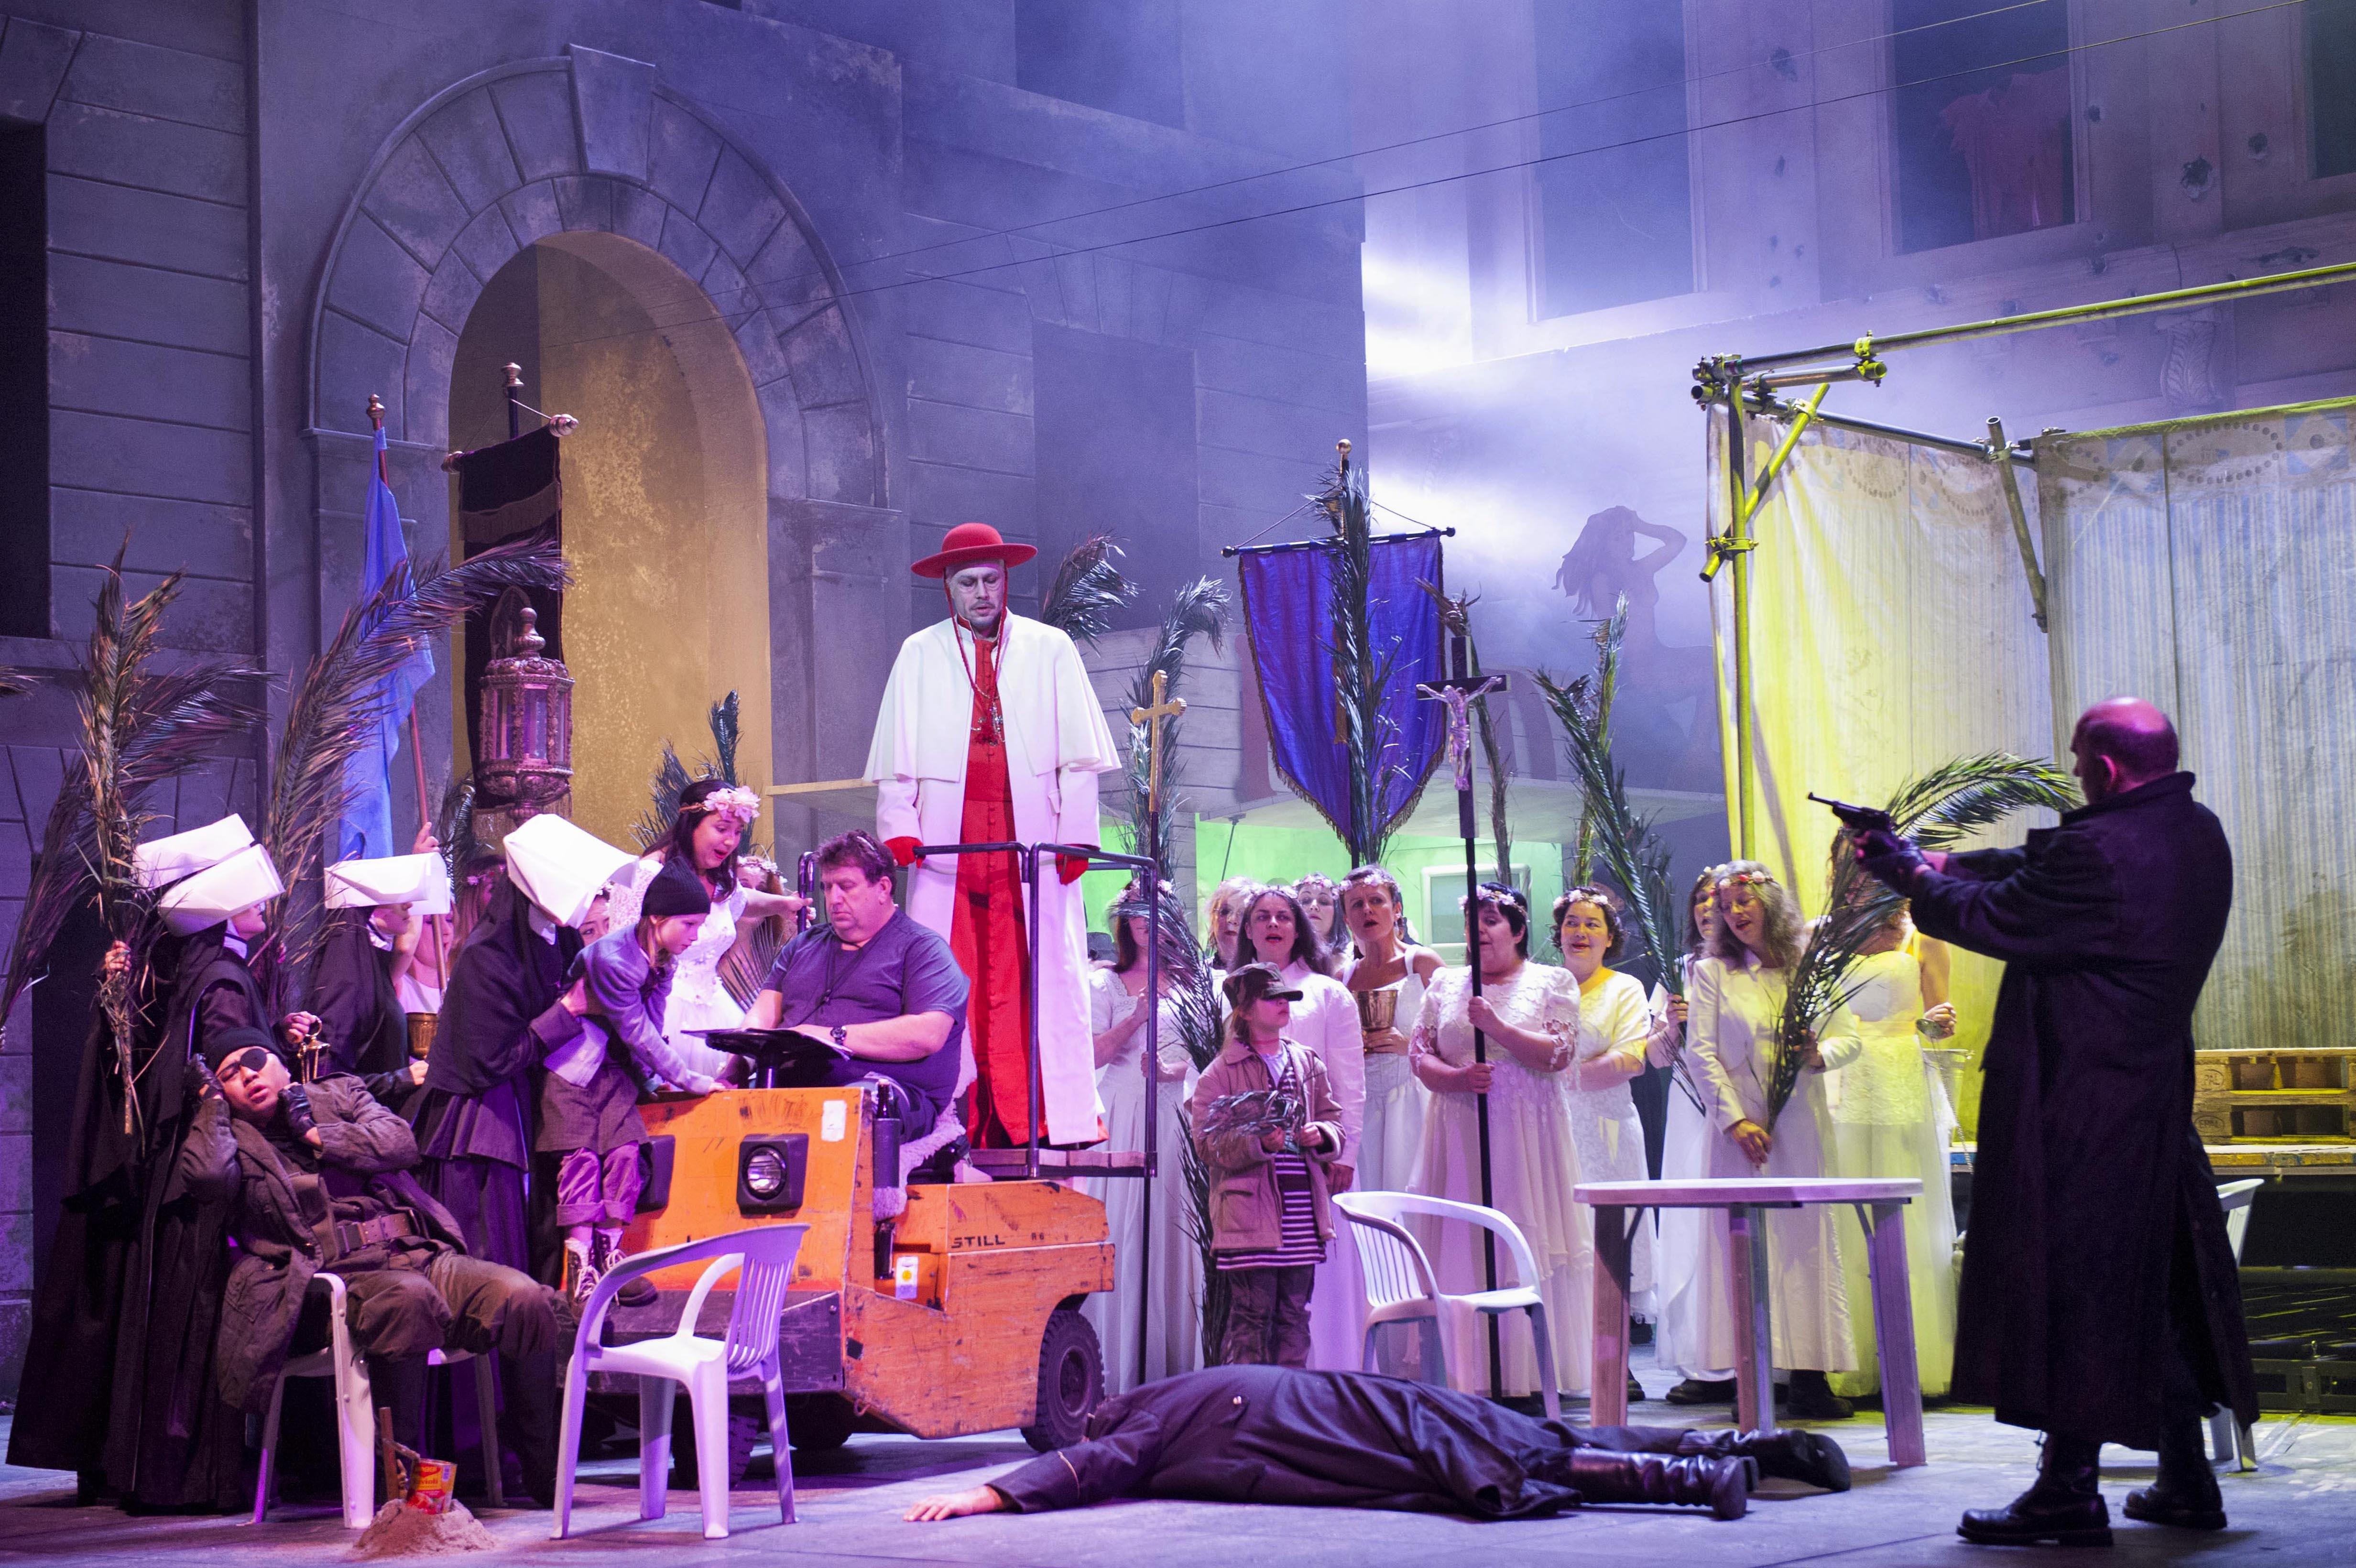 Papst Leo I. flitzt auf einem Bühnenarbeiter-Buggy in die Szenerie. Bild: Thilo Beu